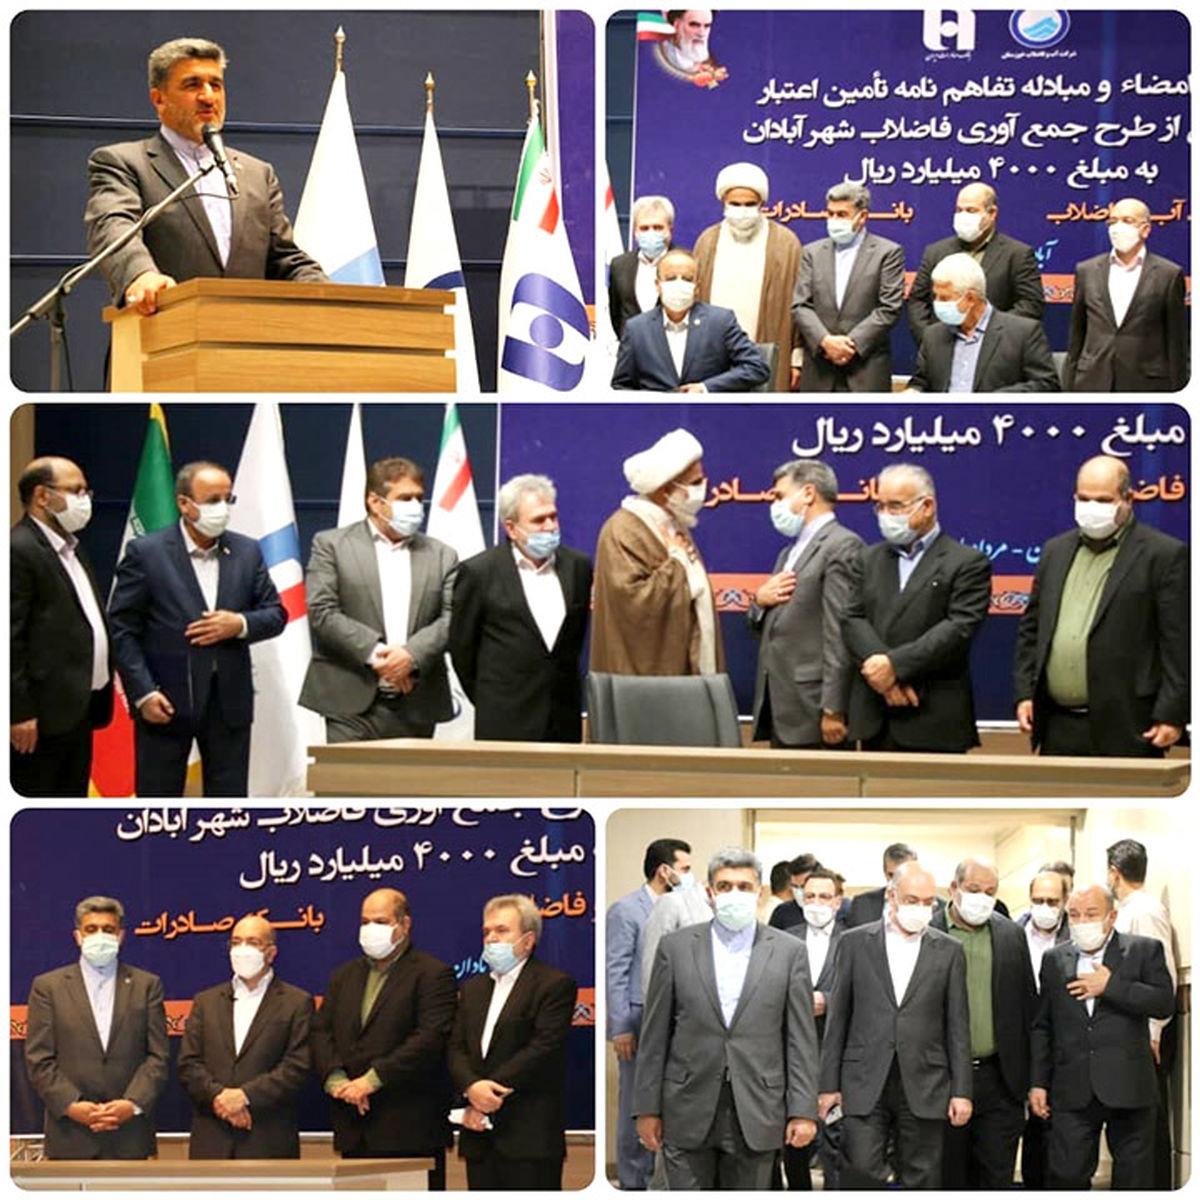 تامین مالی طرح جمعآوری فاضلاب آبادان توسط بانک صادرات ایران